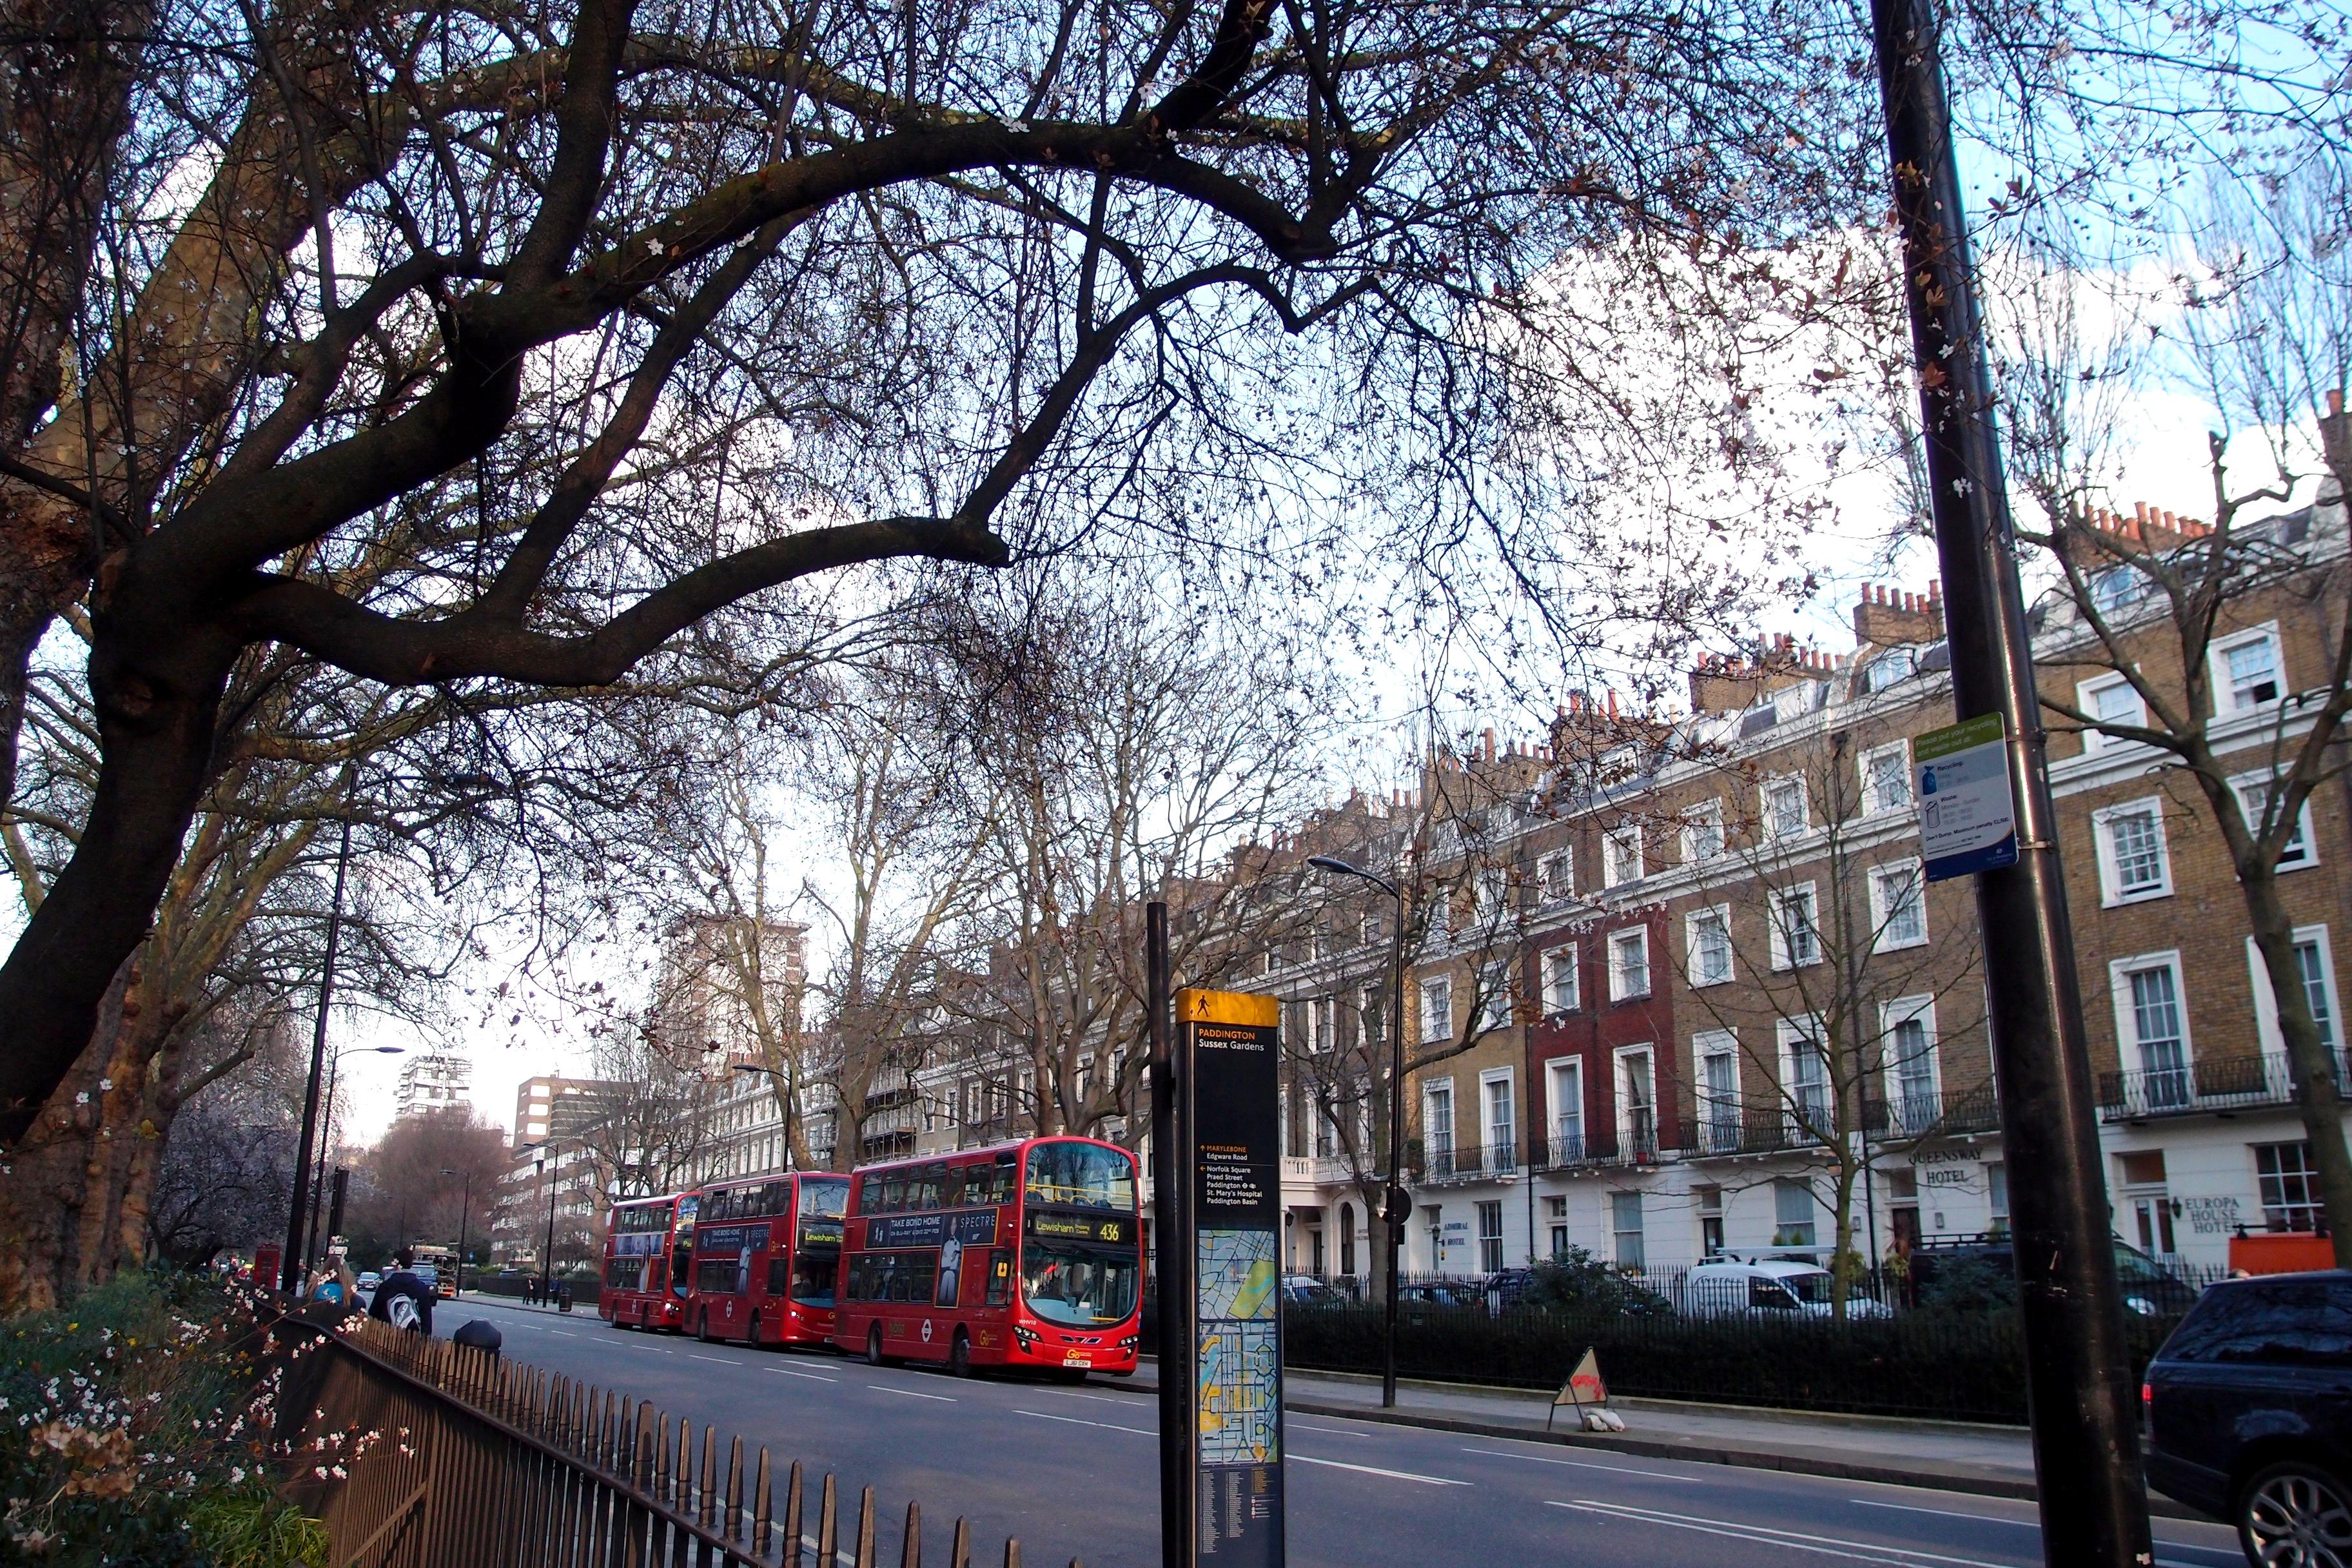 ロンドン初日の滞在先の選び方。私はちょっとミスりましたw